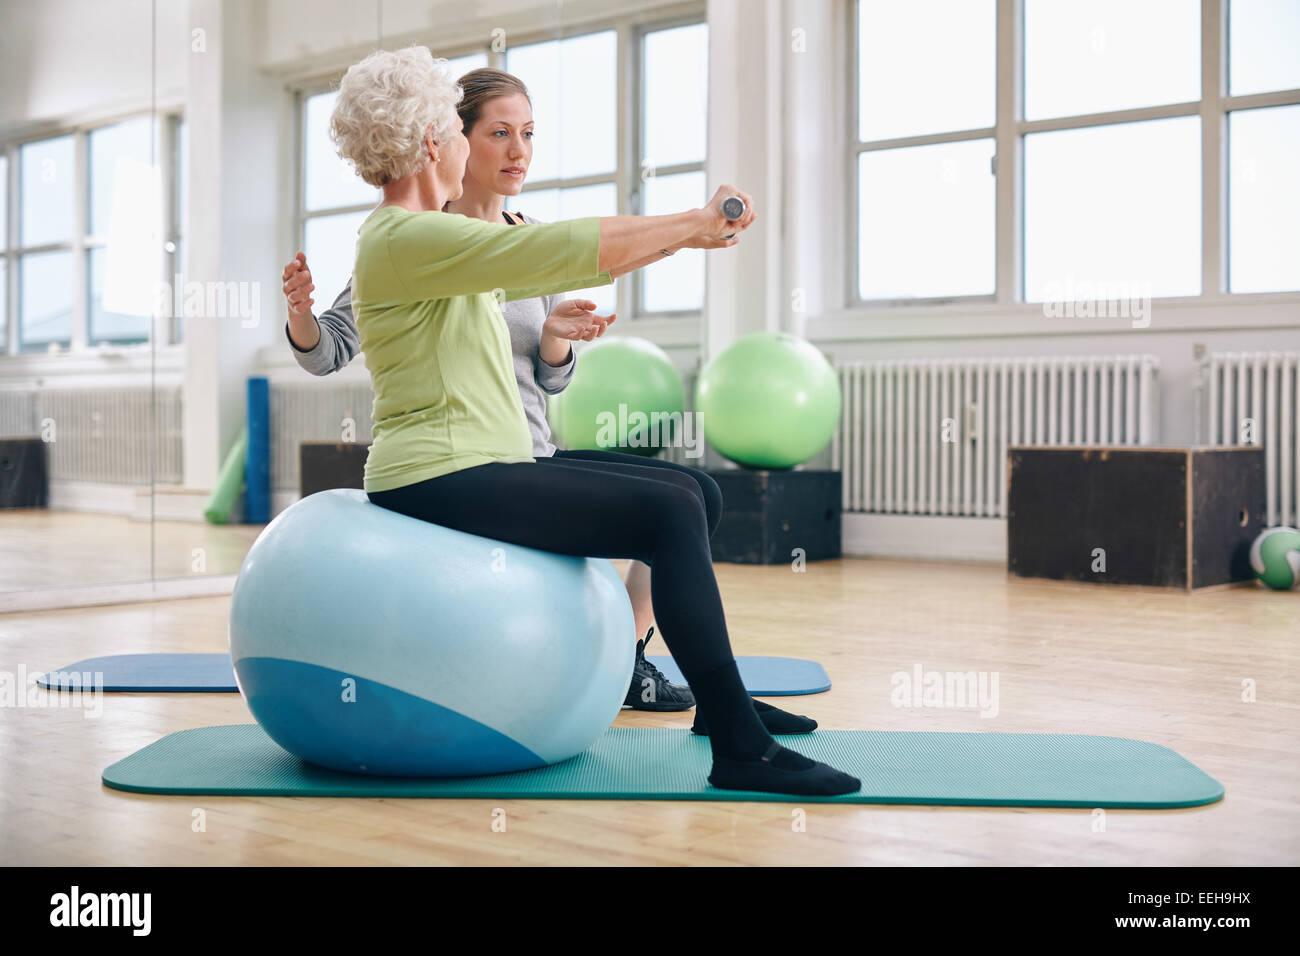 Trainer femmina assistere senior donna sollevamento pesi nella palestra. Senior donna seduta sulla sfera di pilates Immagini Stock